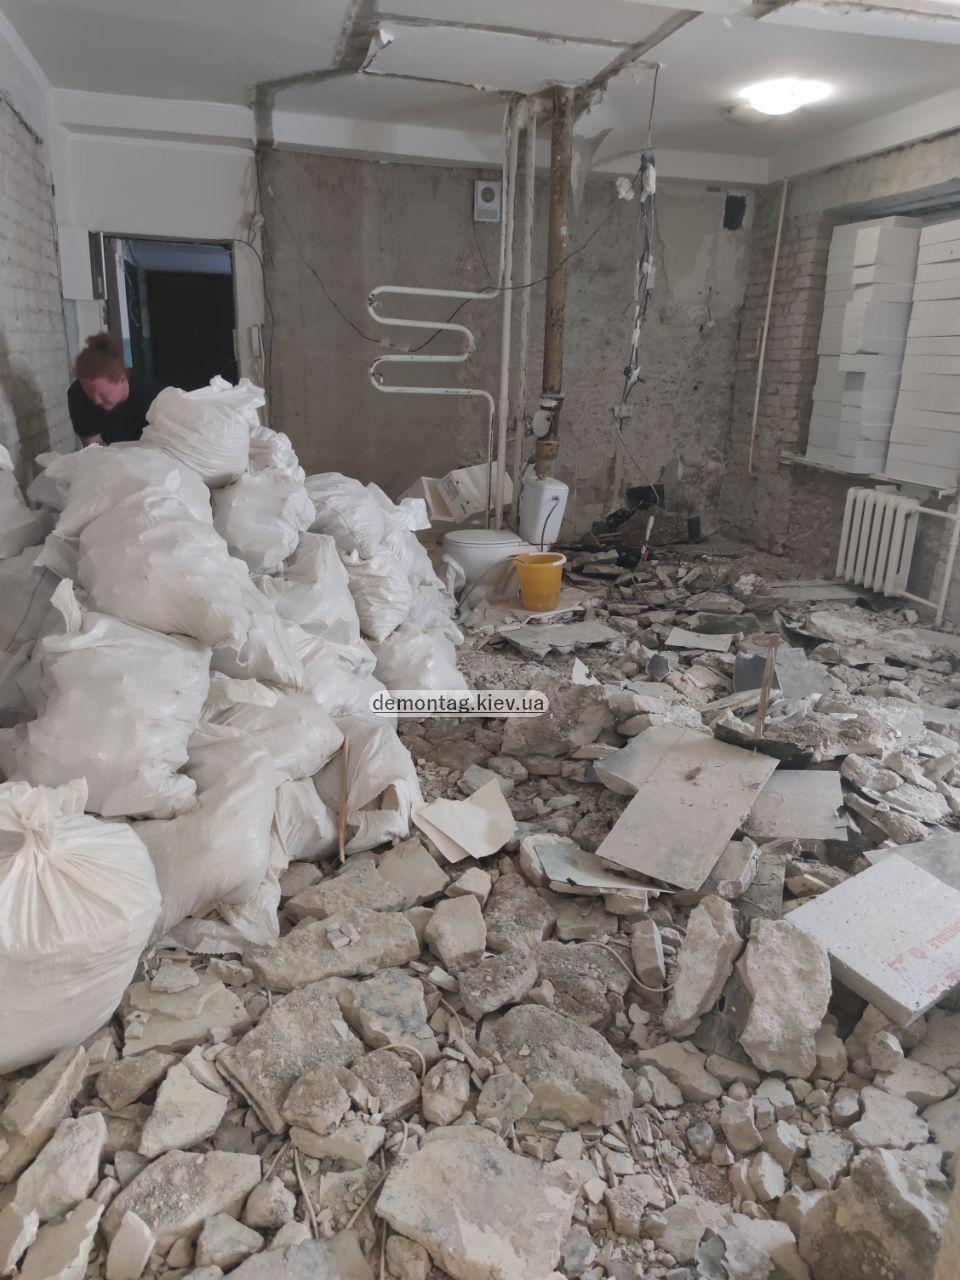 Демонтажные работы. Демонтаж квартиры, стен